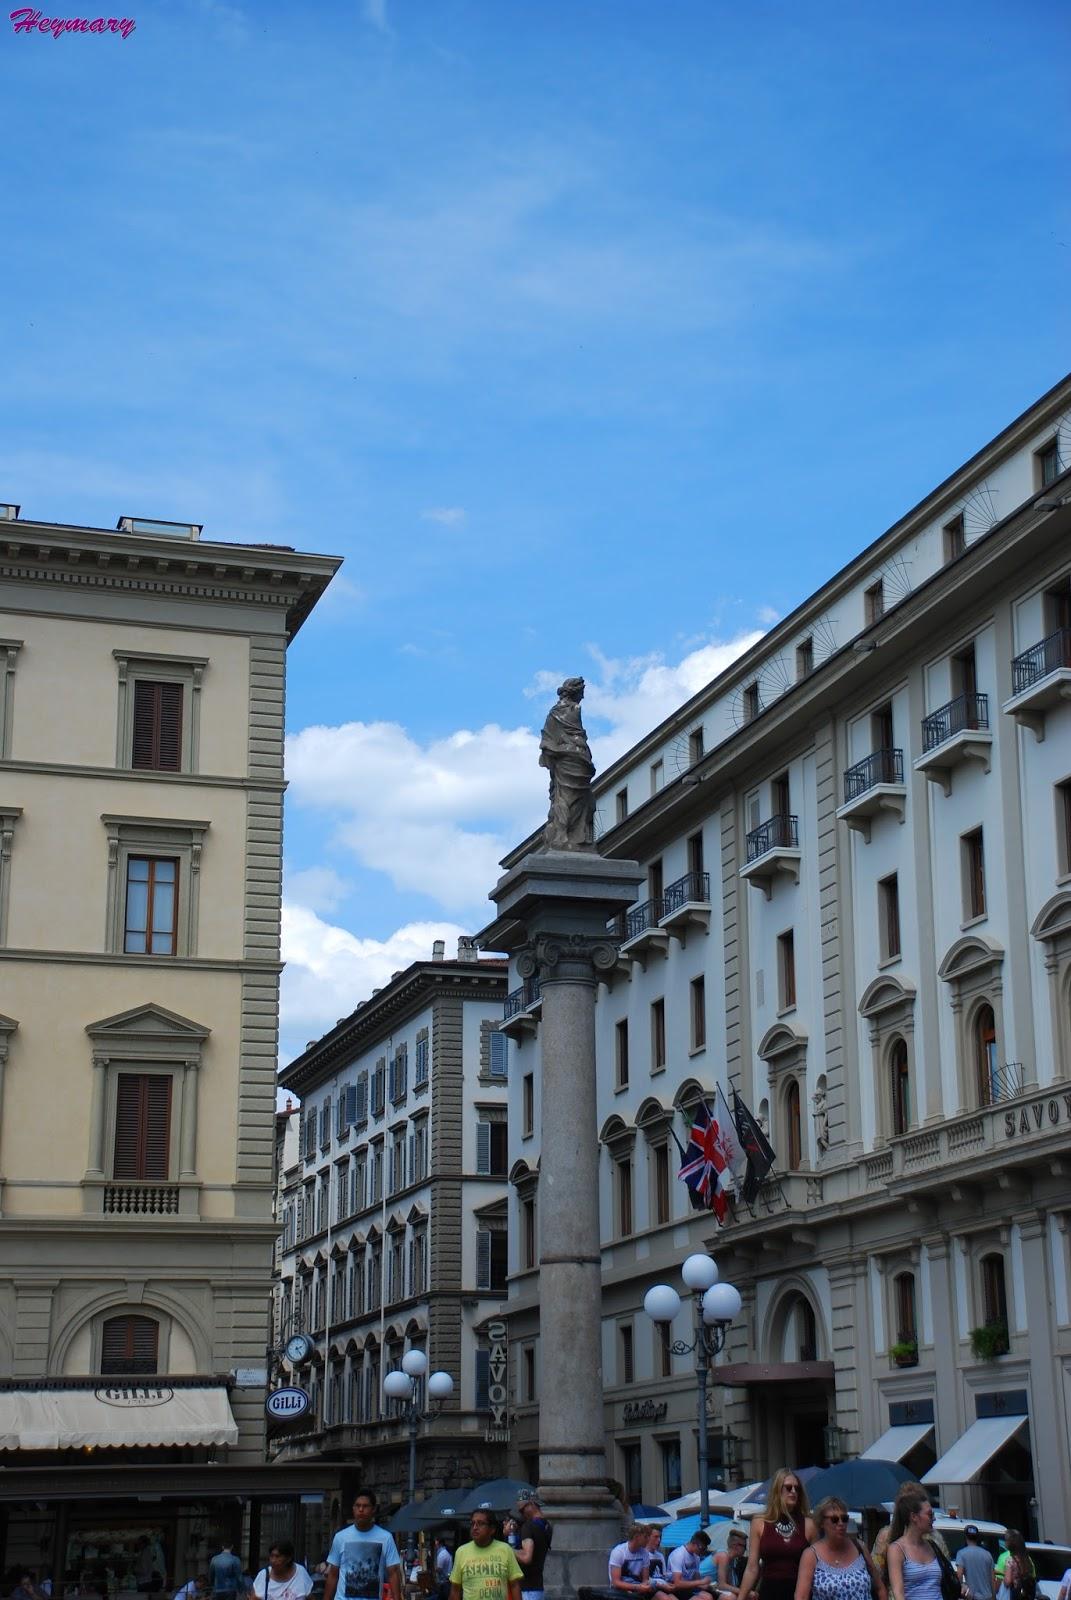 佛羅倫斯斯特羅齊宮 最大規模的宮殿,為民用的建築代採用石塊與豎框的窗戶